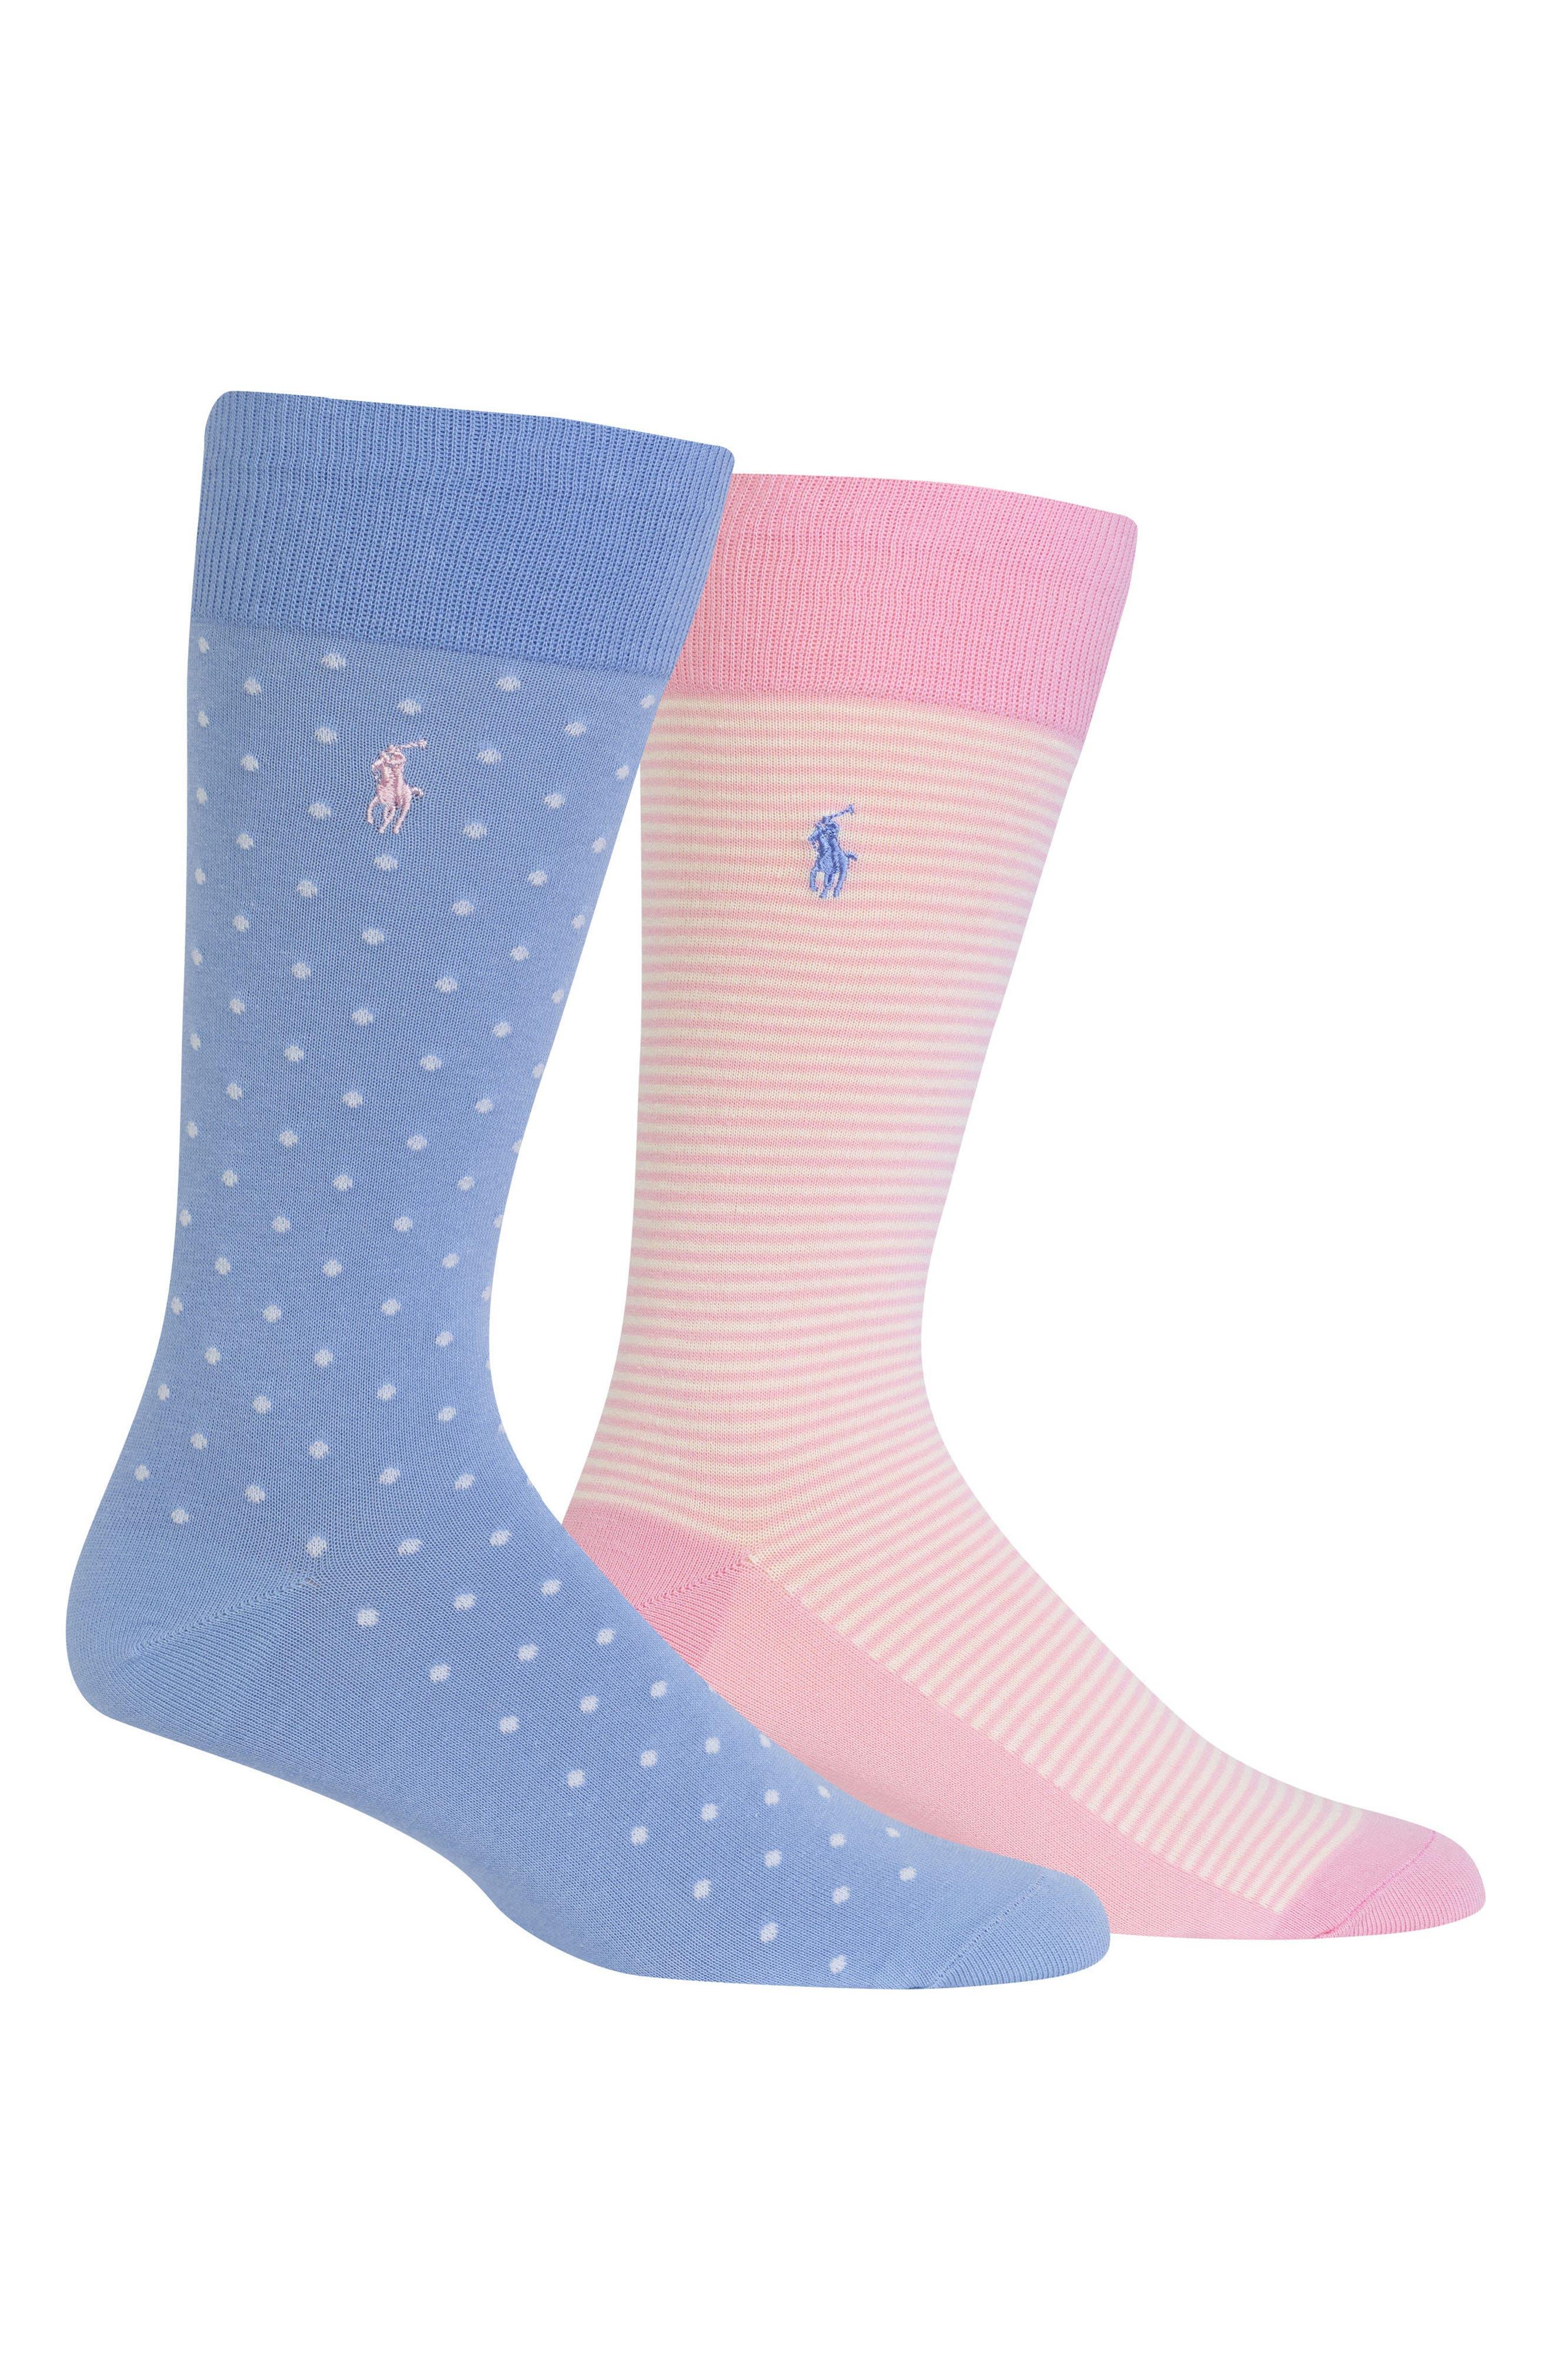 2-Pack Socks,                         Main,                         color, Light Blue